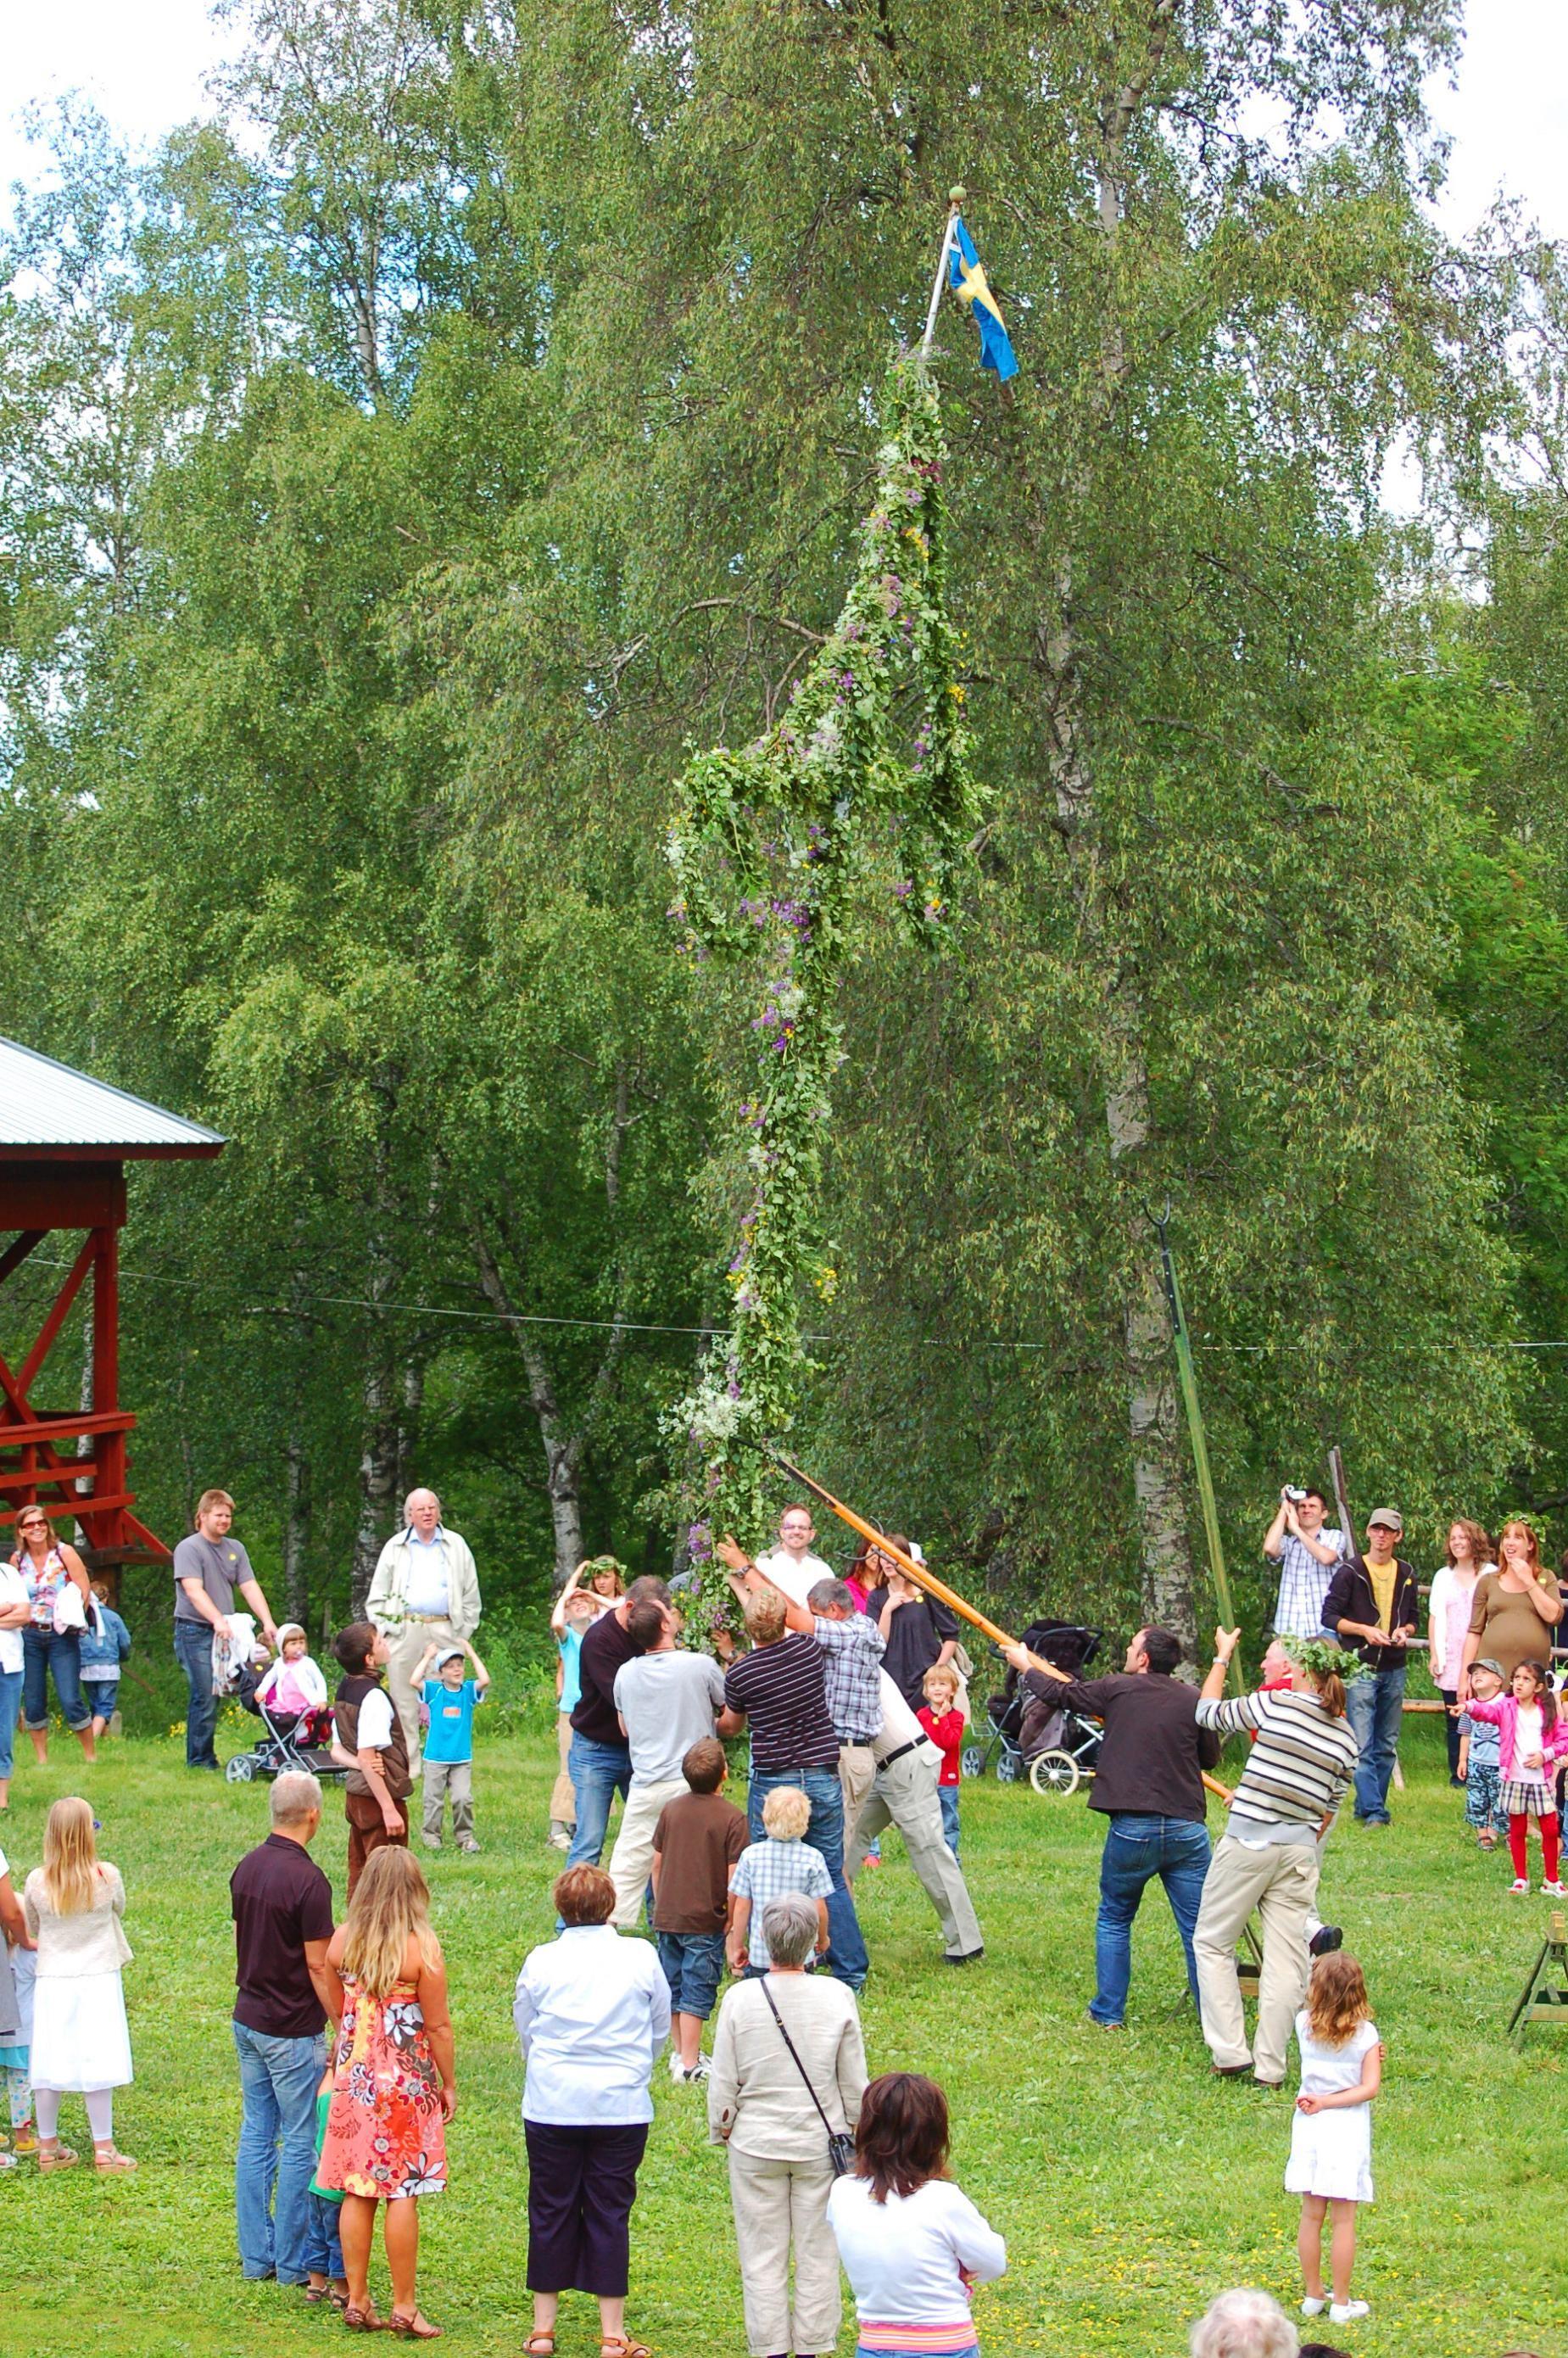 Foto: Media Lupus, Sollefteå Hembygdsgård, Ådalsbyn